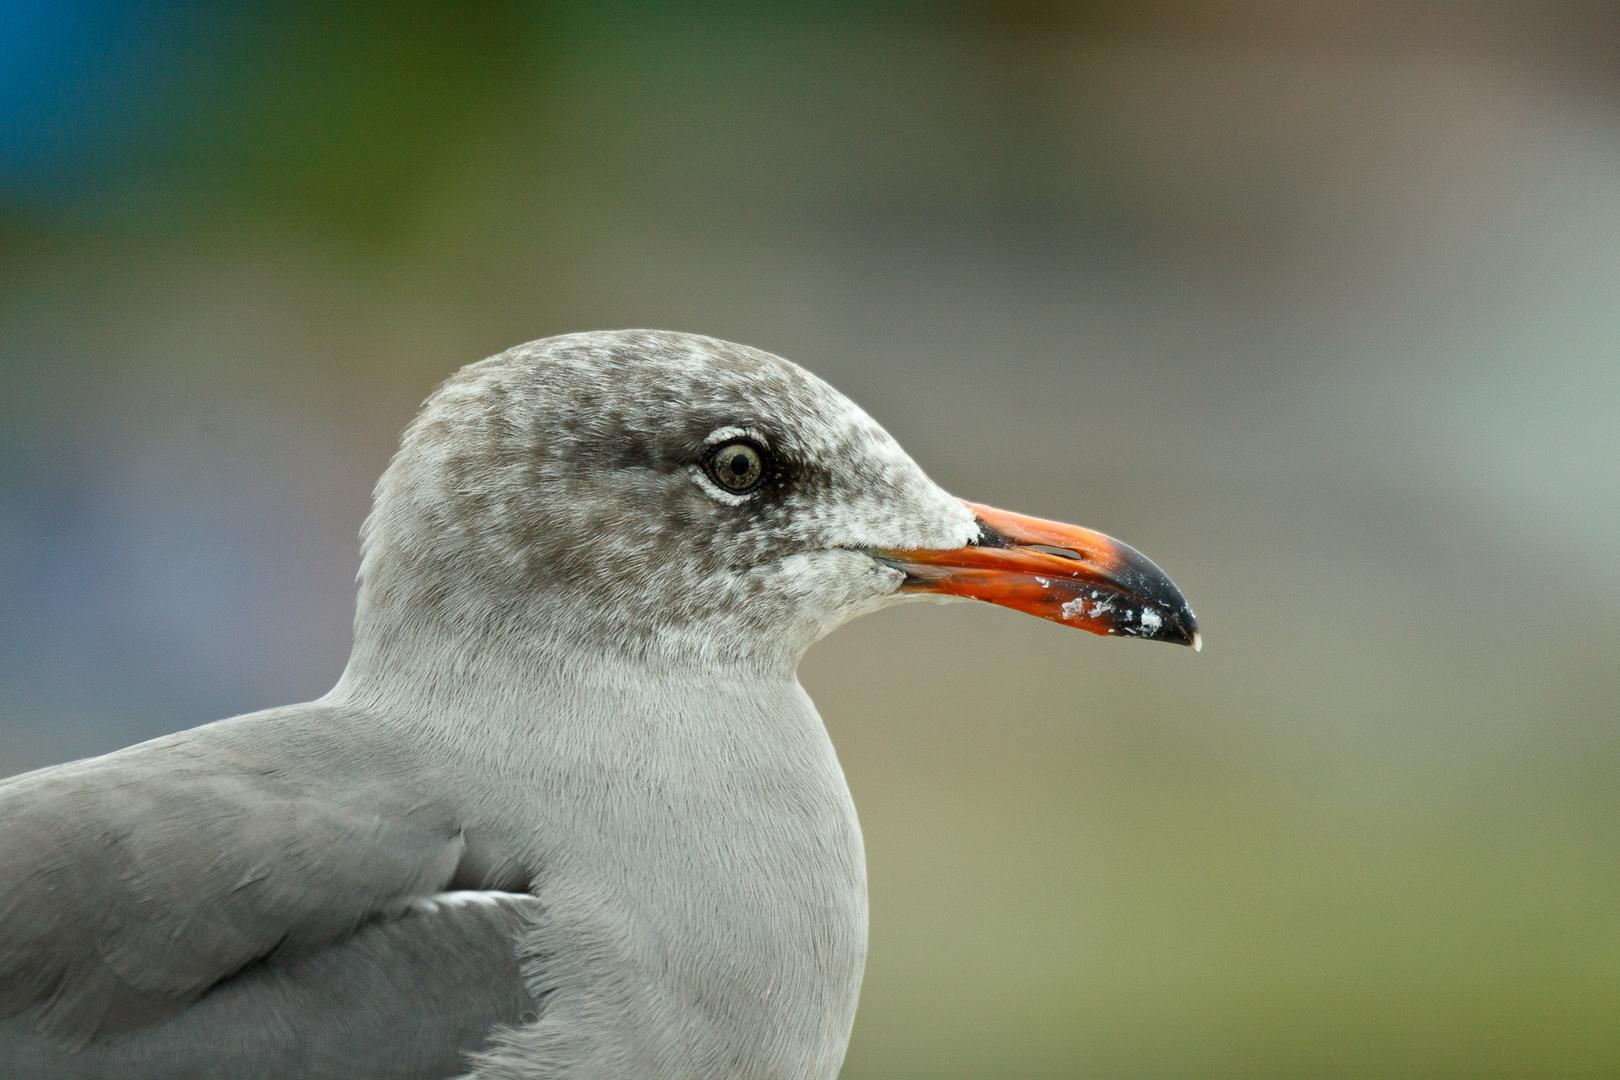 Vogel in La Jolla (San Diego)